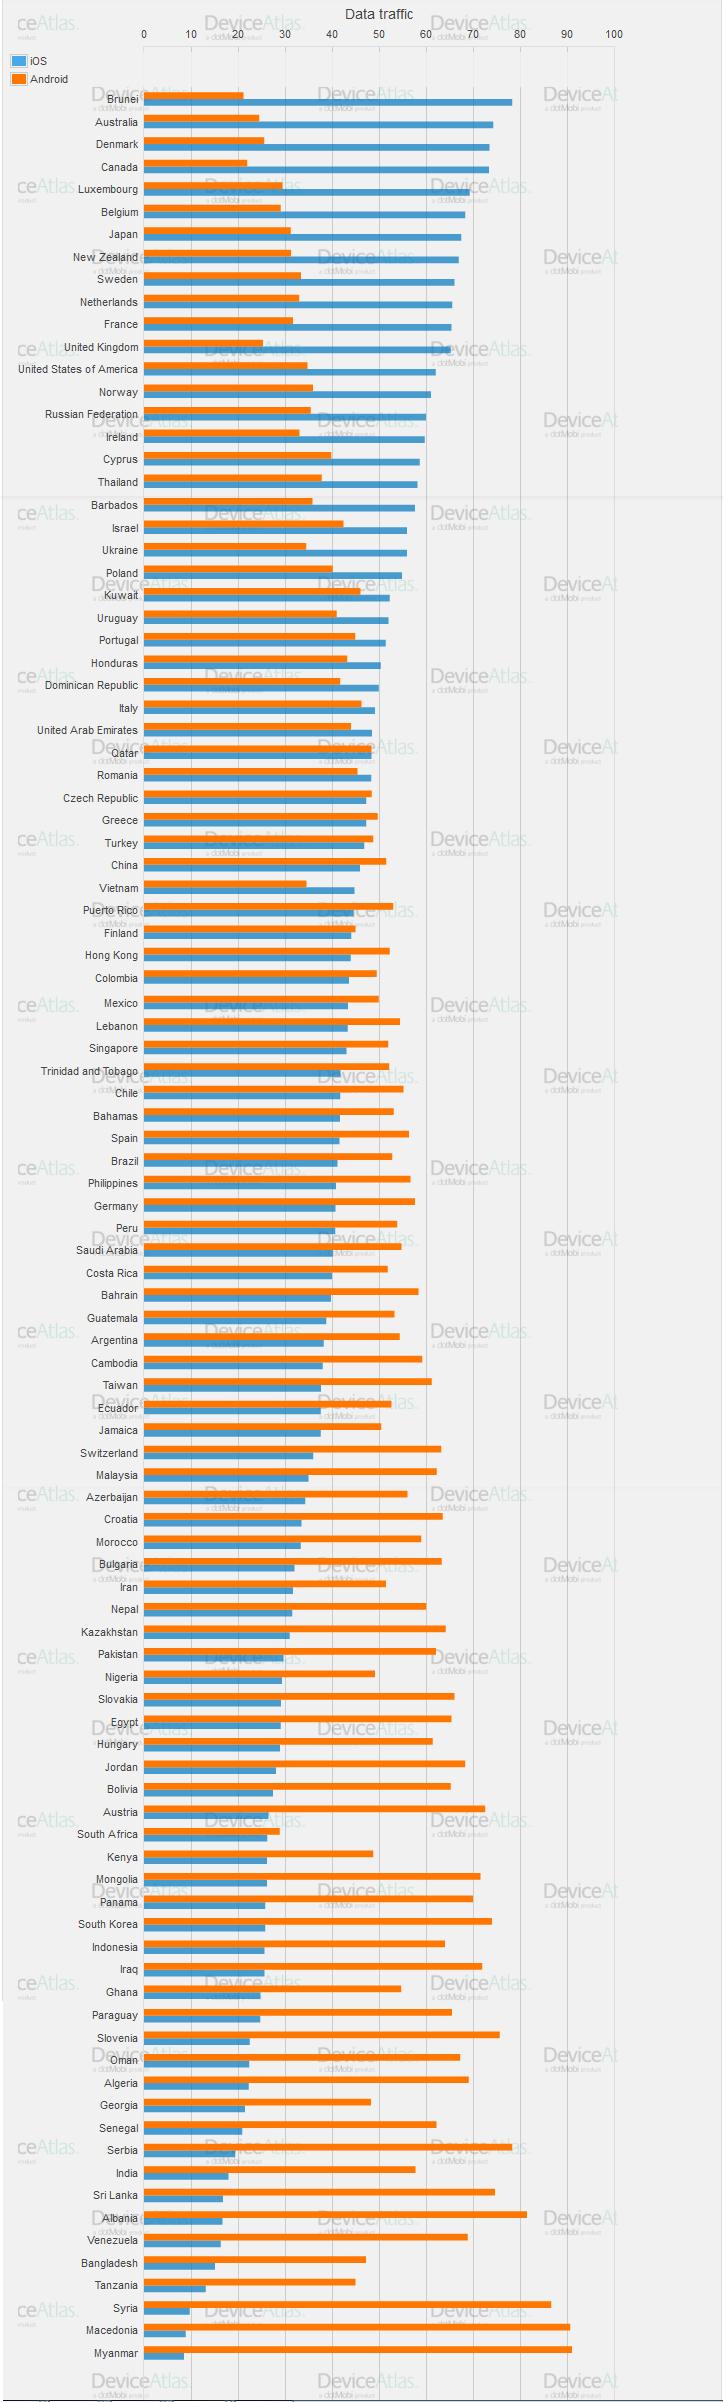 Infografika dotMobi - rozšírenie Androidu a iOS vo svete b